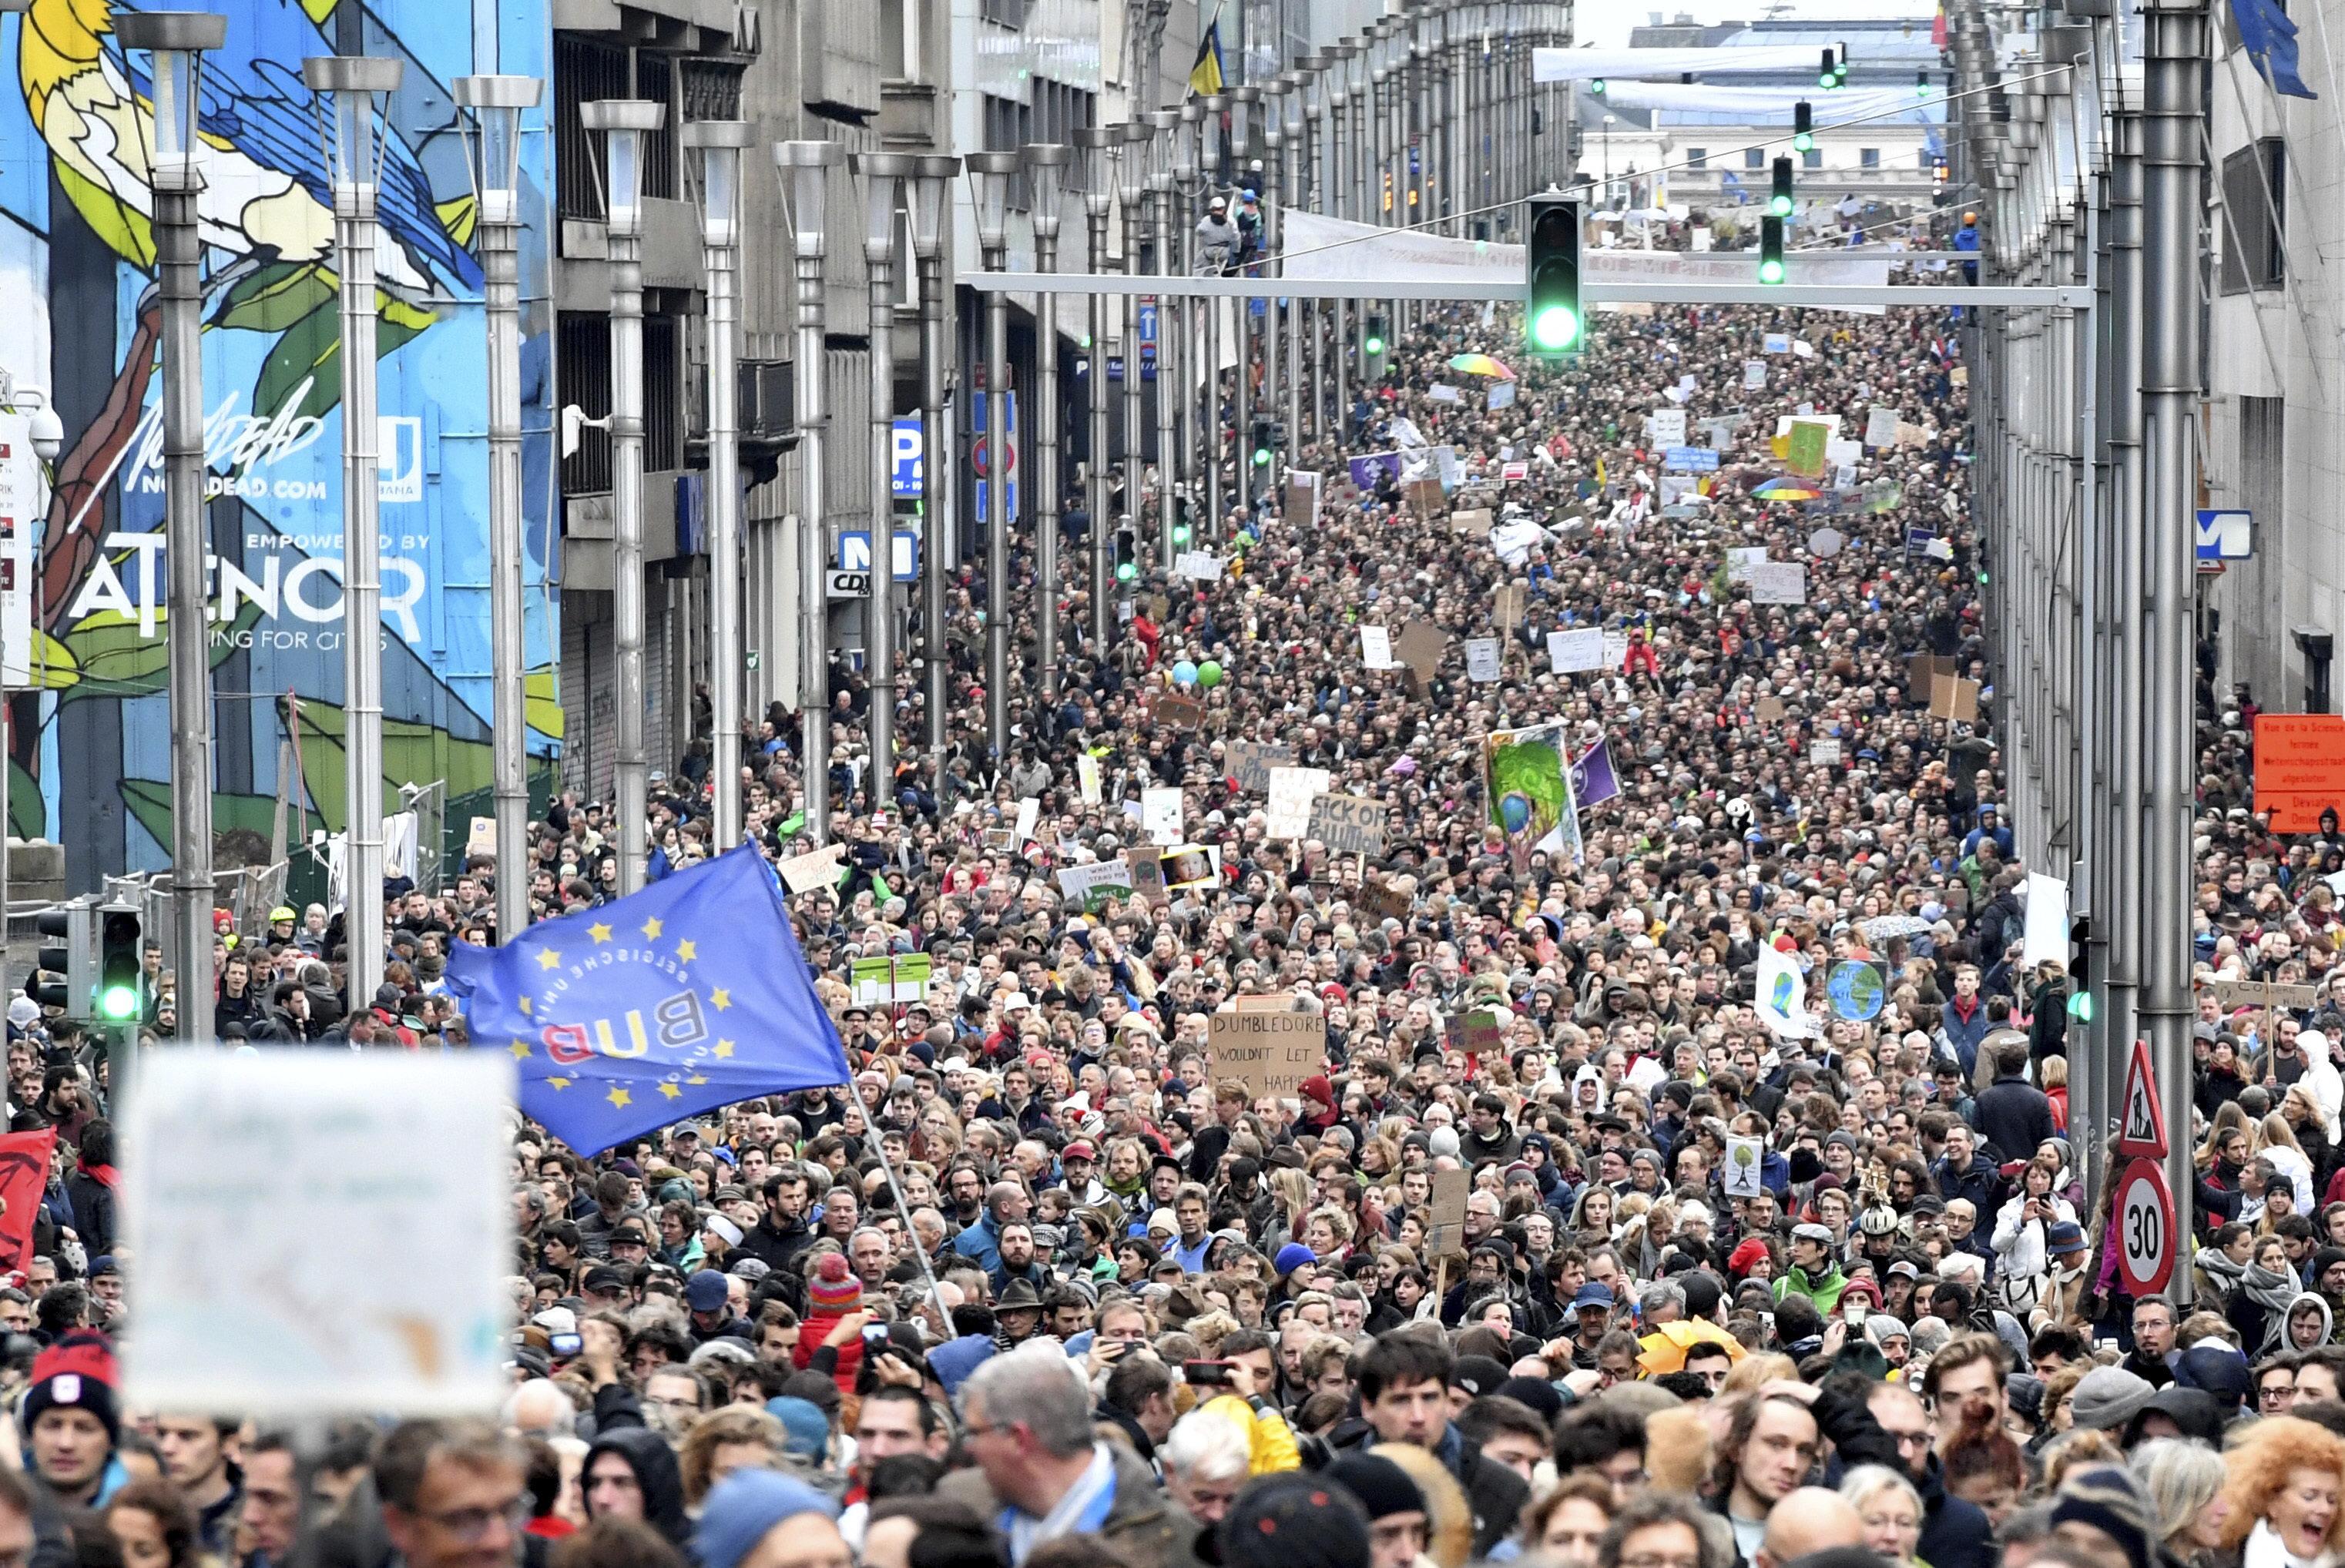 Χιλιάδες άνθρωποι διαδήλωσαν στο κέντρο των Βρυξελλών για την κλιματική